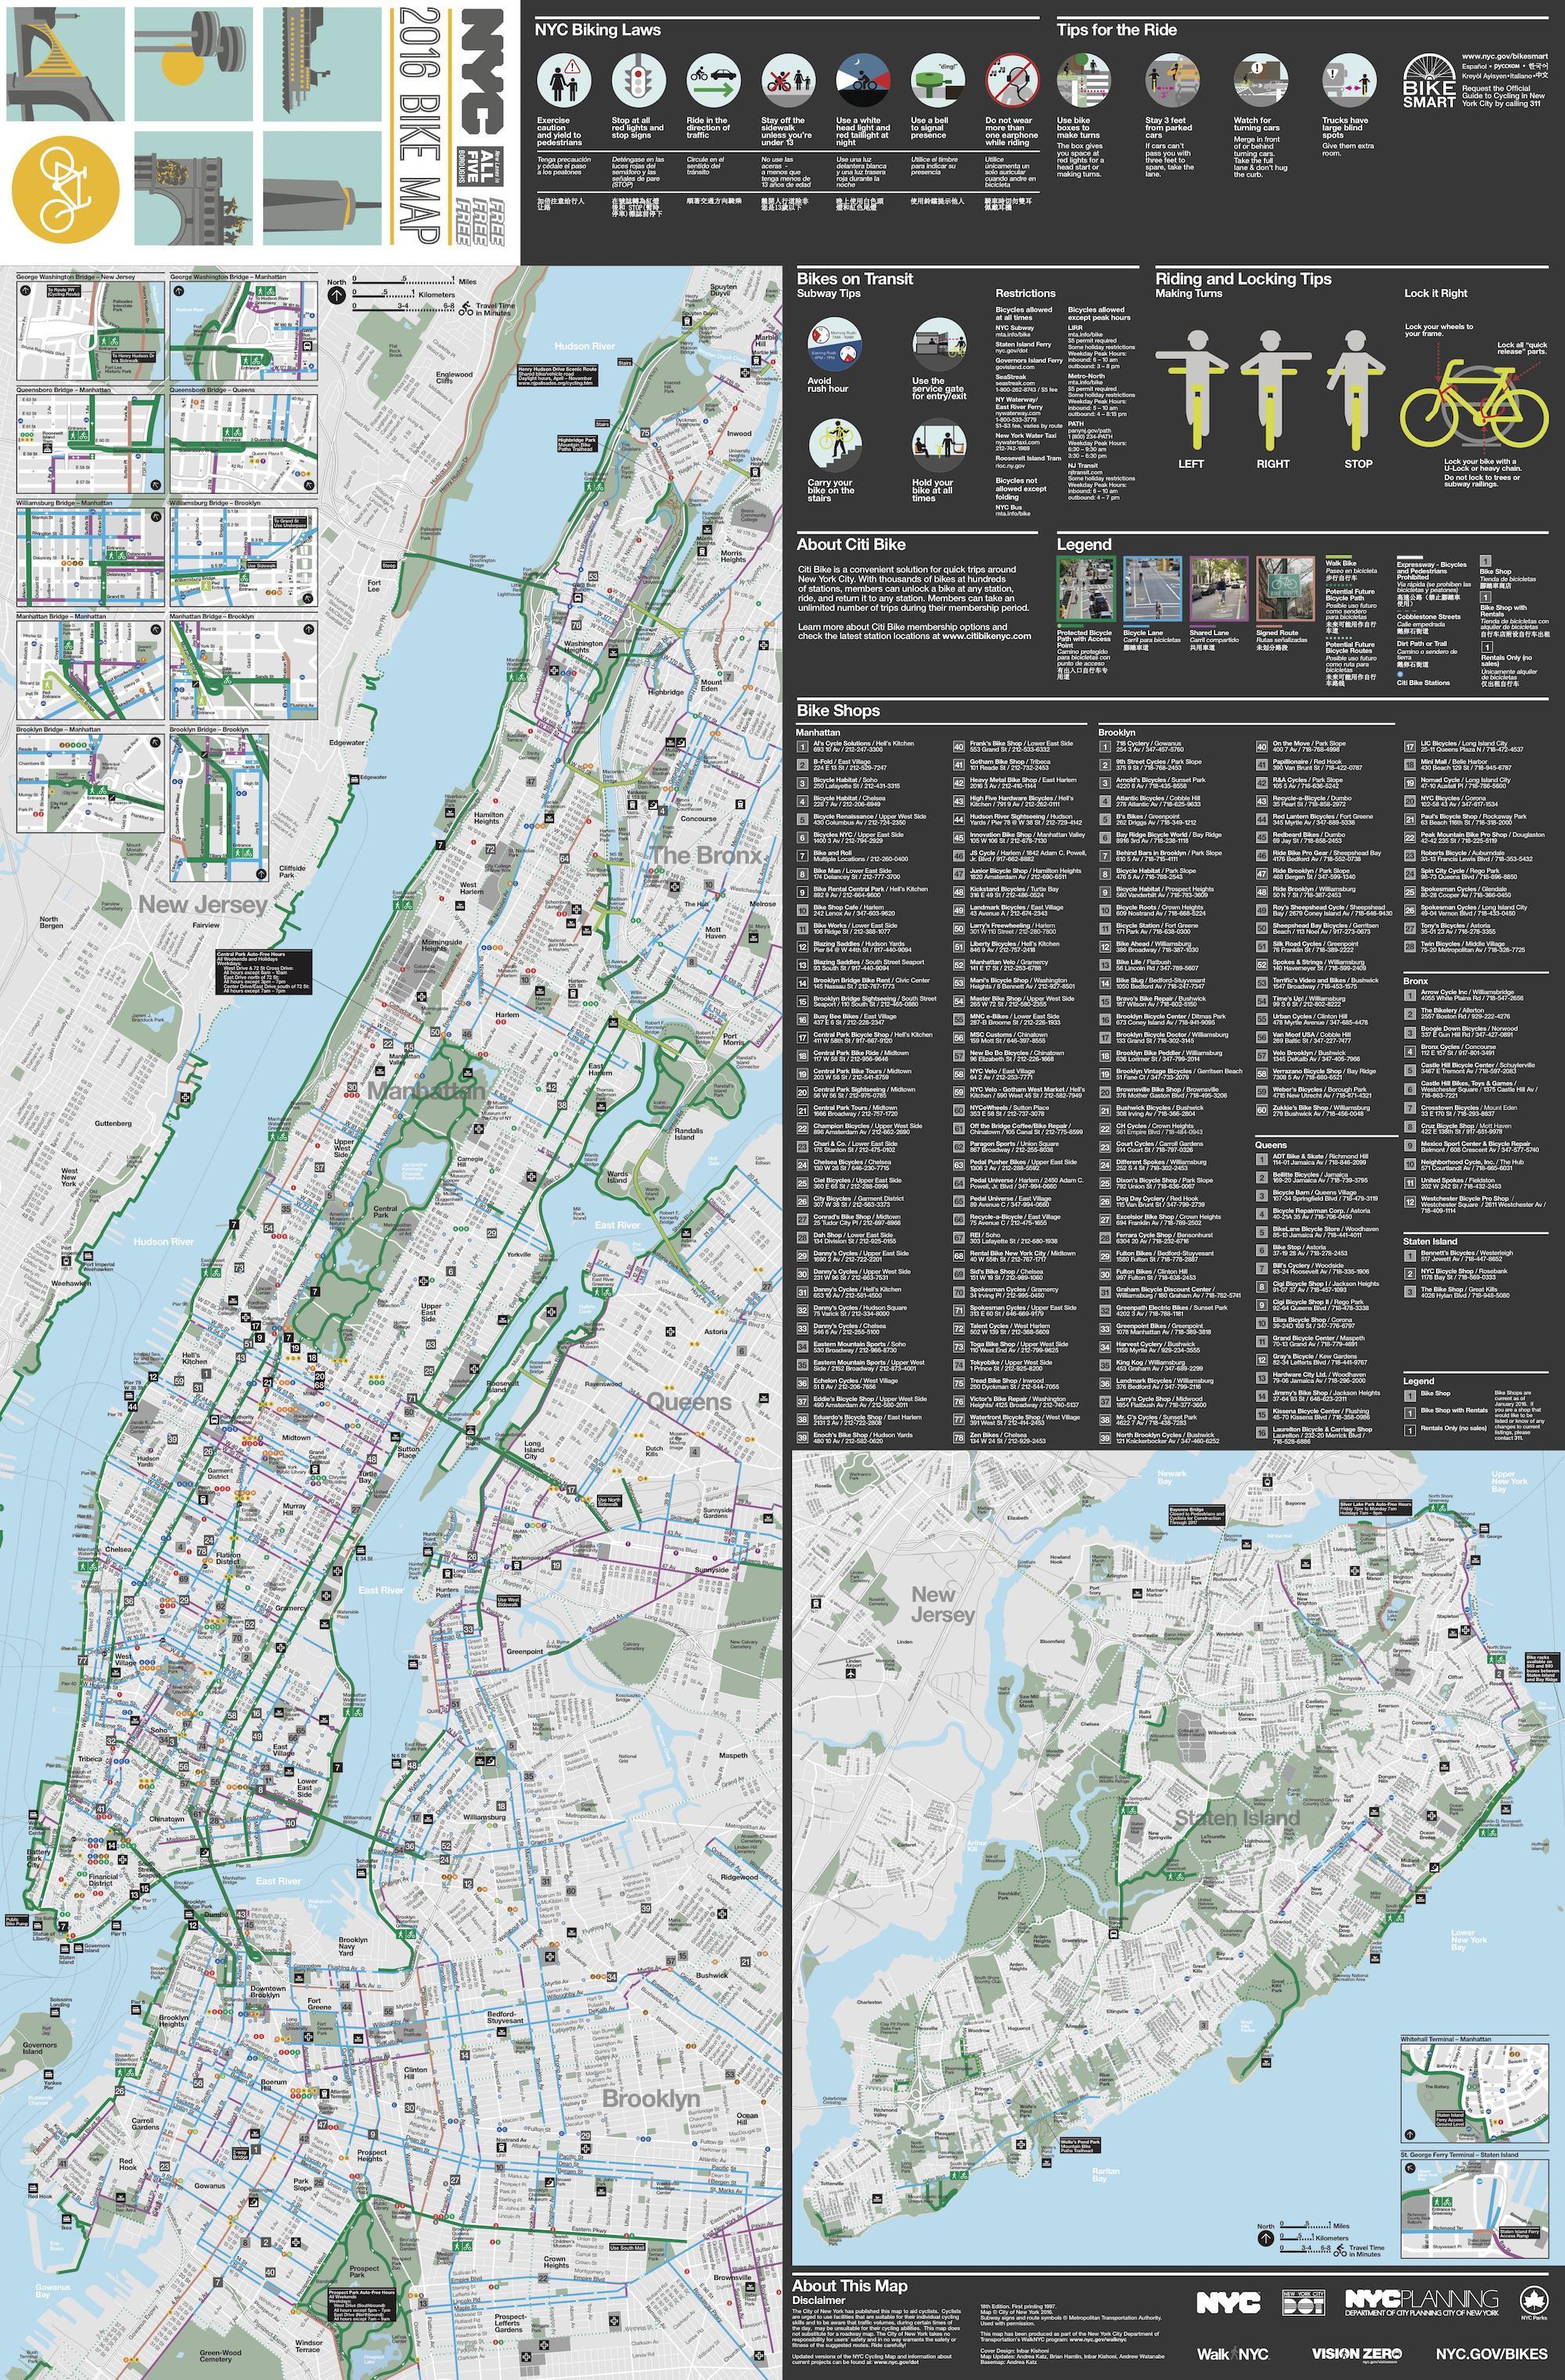 Fahrrad Karte.Manhattan Fahrrad Karte Manhattan Radkarte New York Usa